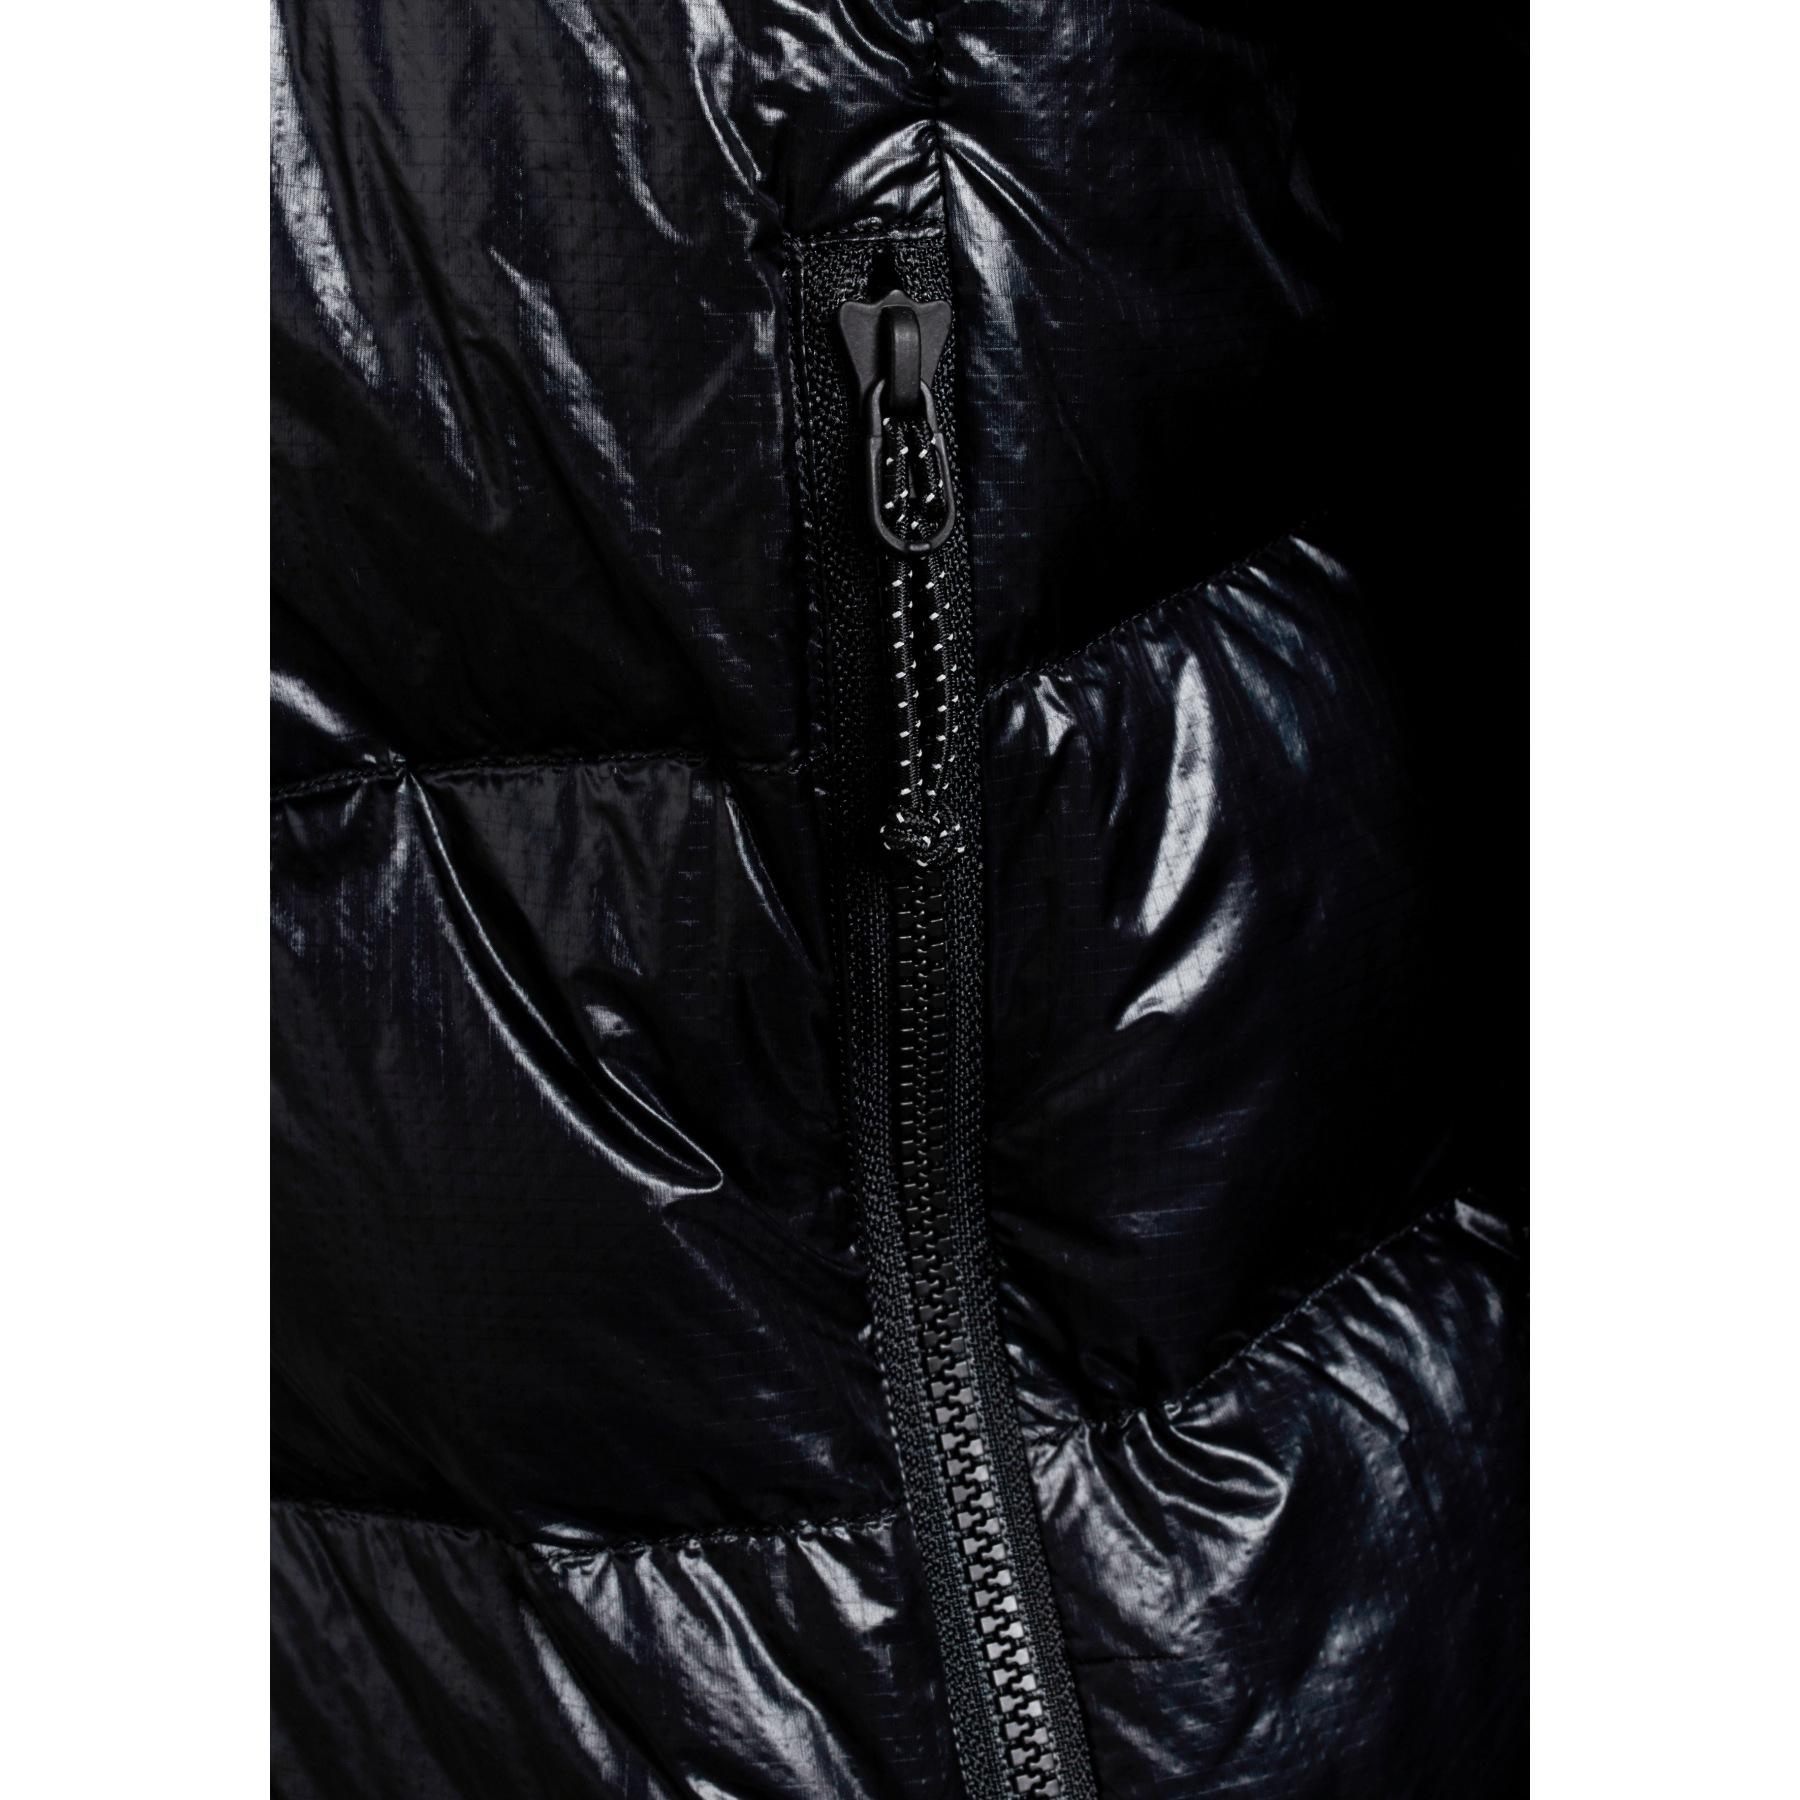 Bild von Y by Nordisk Stoke Ultraleichte Daunenjacke mit Kapuze - schwarz